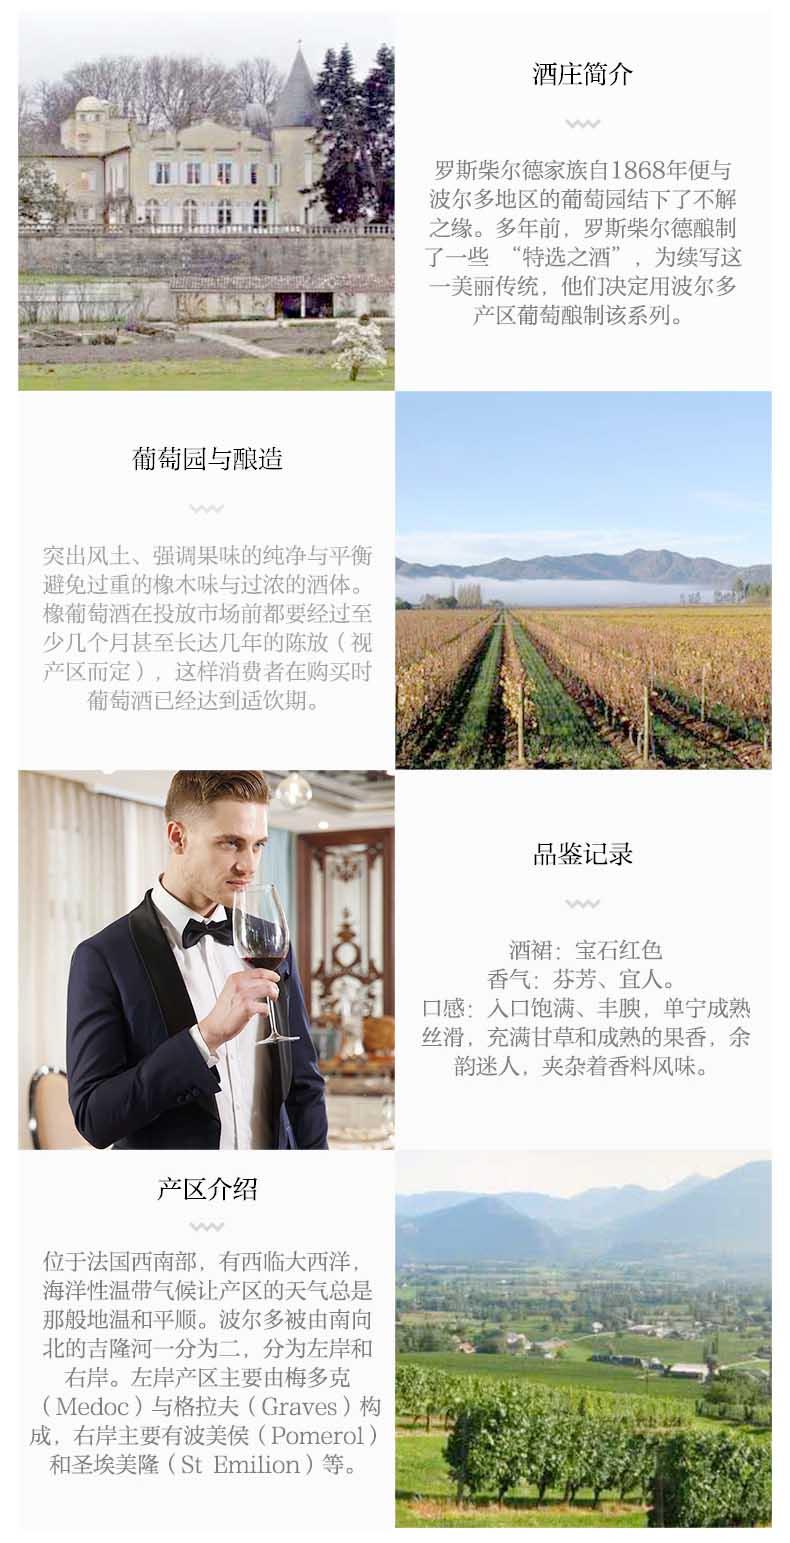 【拼邮国内发货】拉菲干红葡萄酒(两款任选)